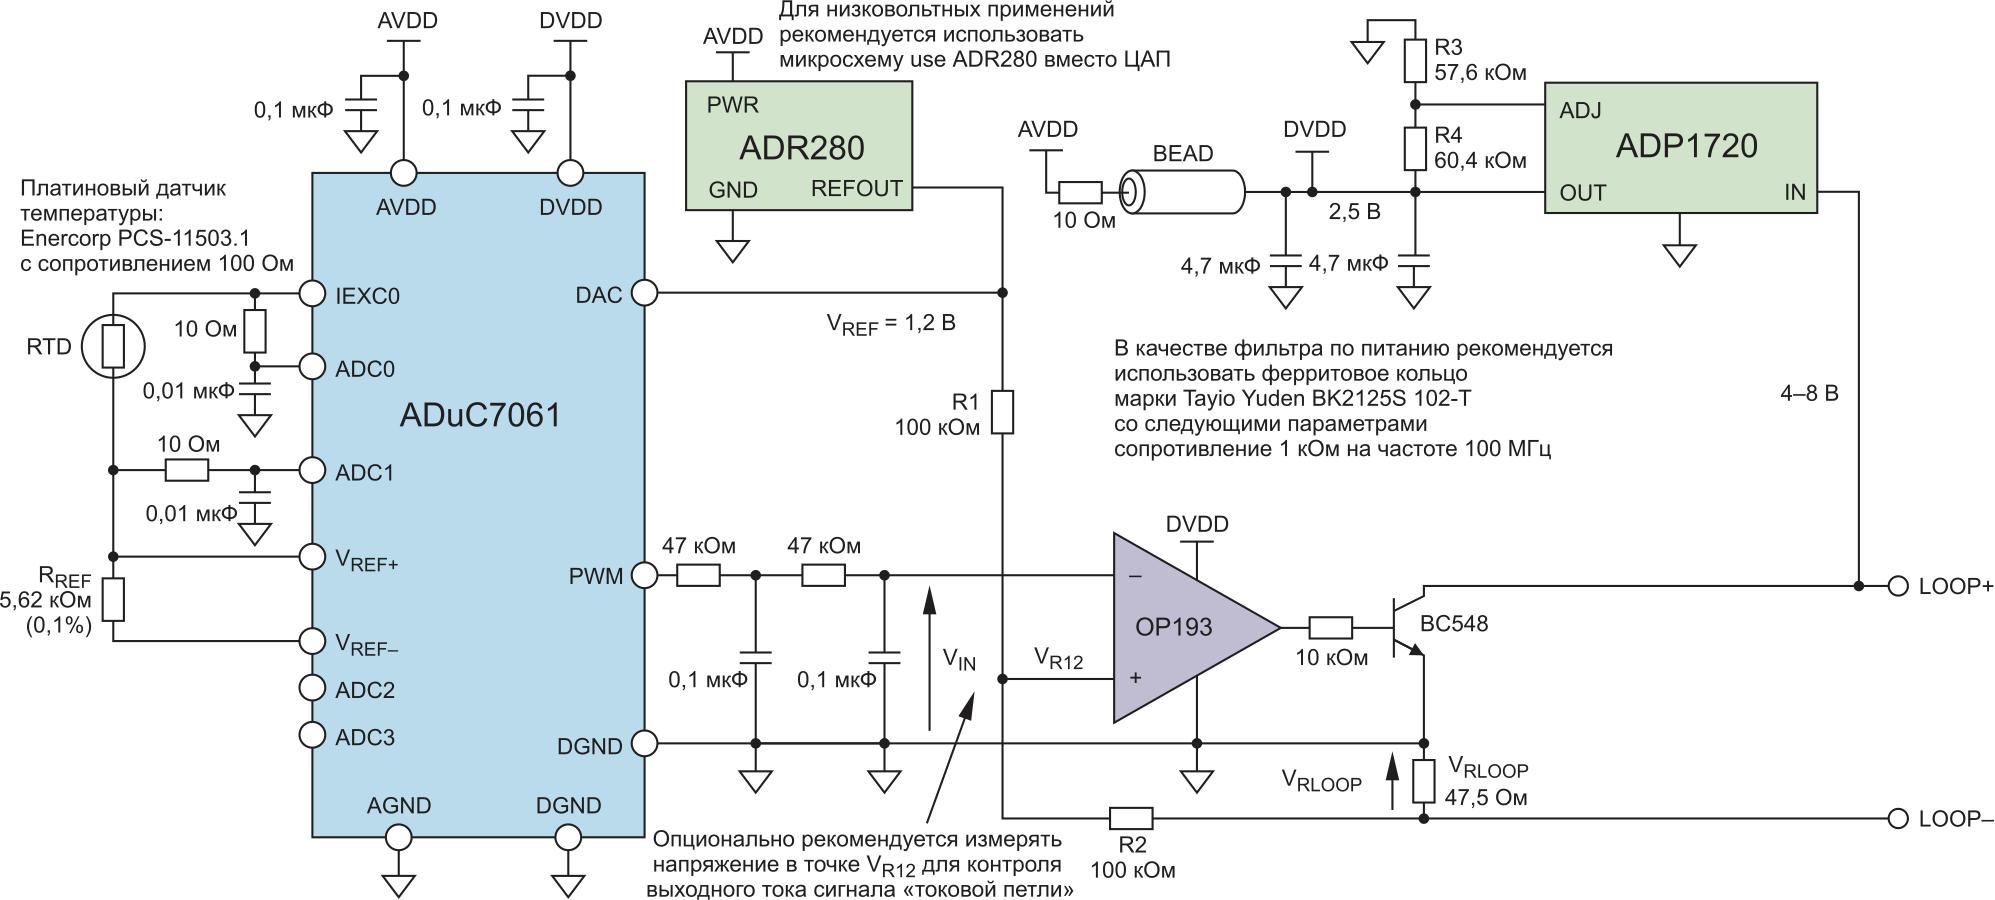 Типовая схема включения ADuC7061